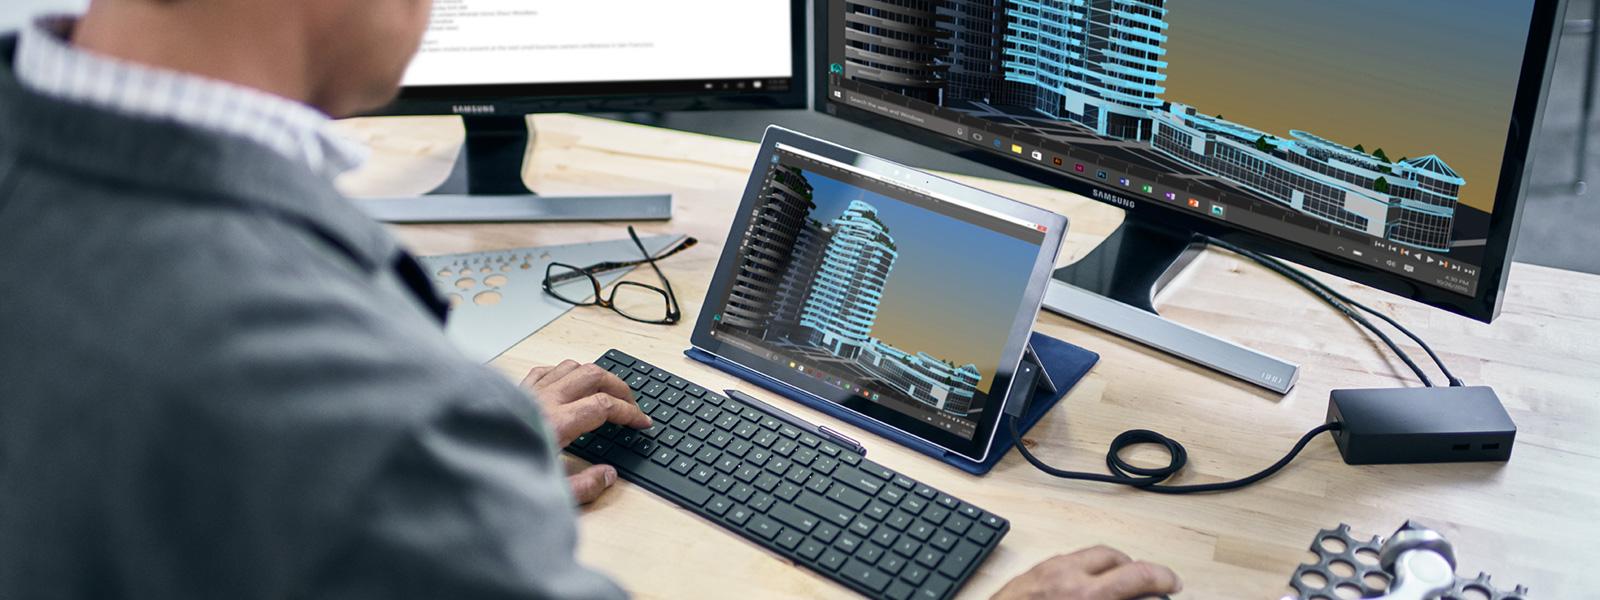 Surface Pro 4, monitor di grandi dimensioni e tastiera sulla scrivania.